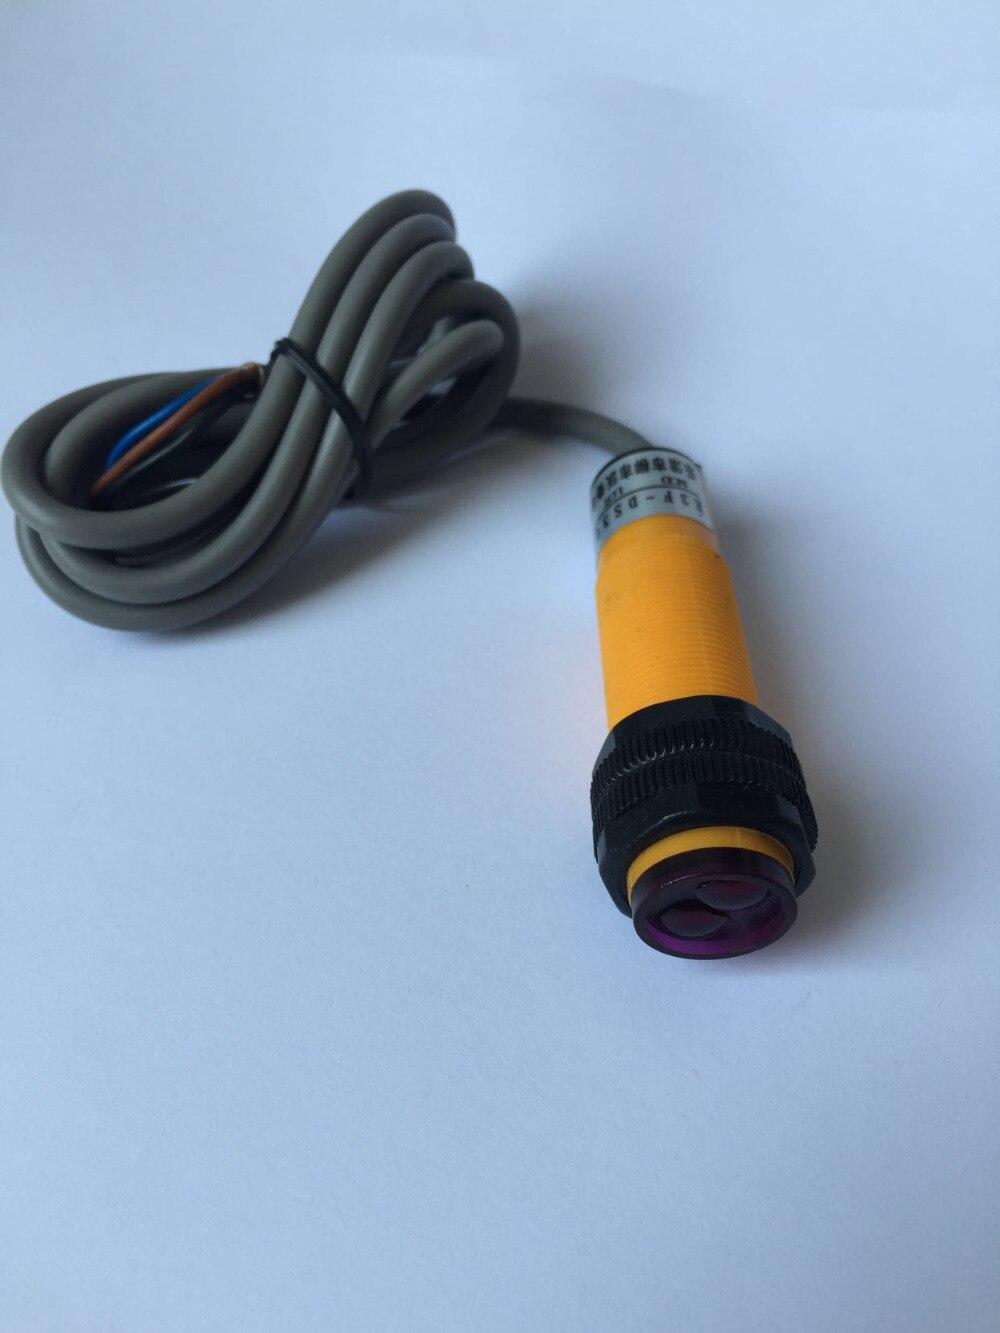 منتشر الكهروضوئي التبديل E3F-DS50C1 الأشعة تحت الحمراء الاستشعار NPN عادة فتح قابل للتعديل